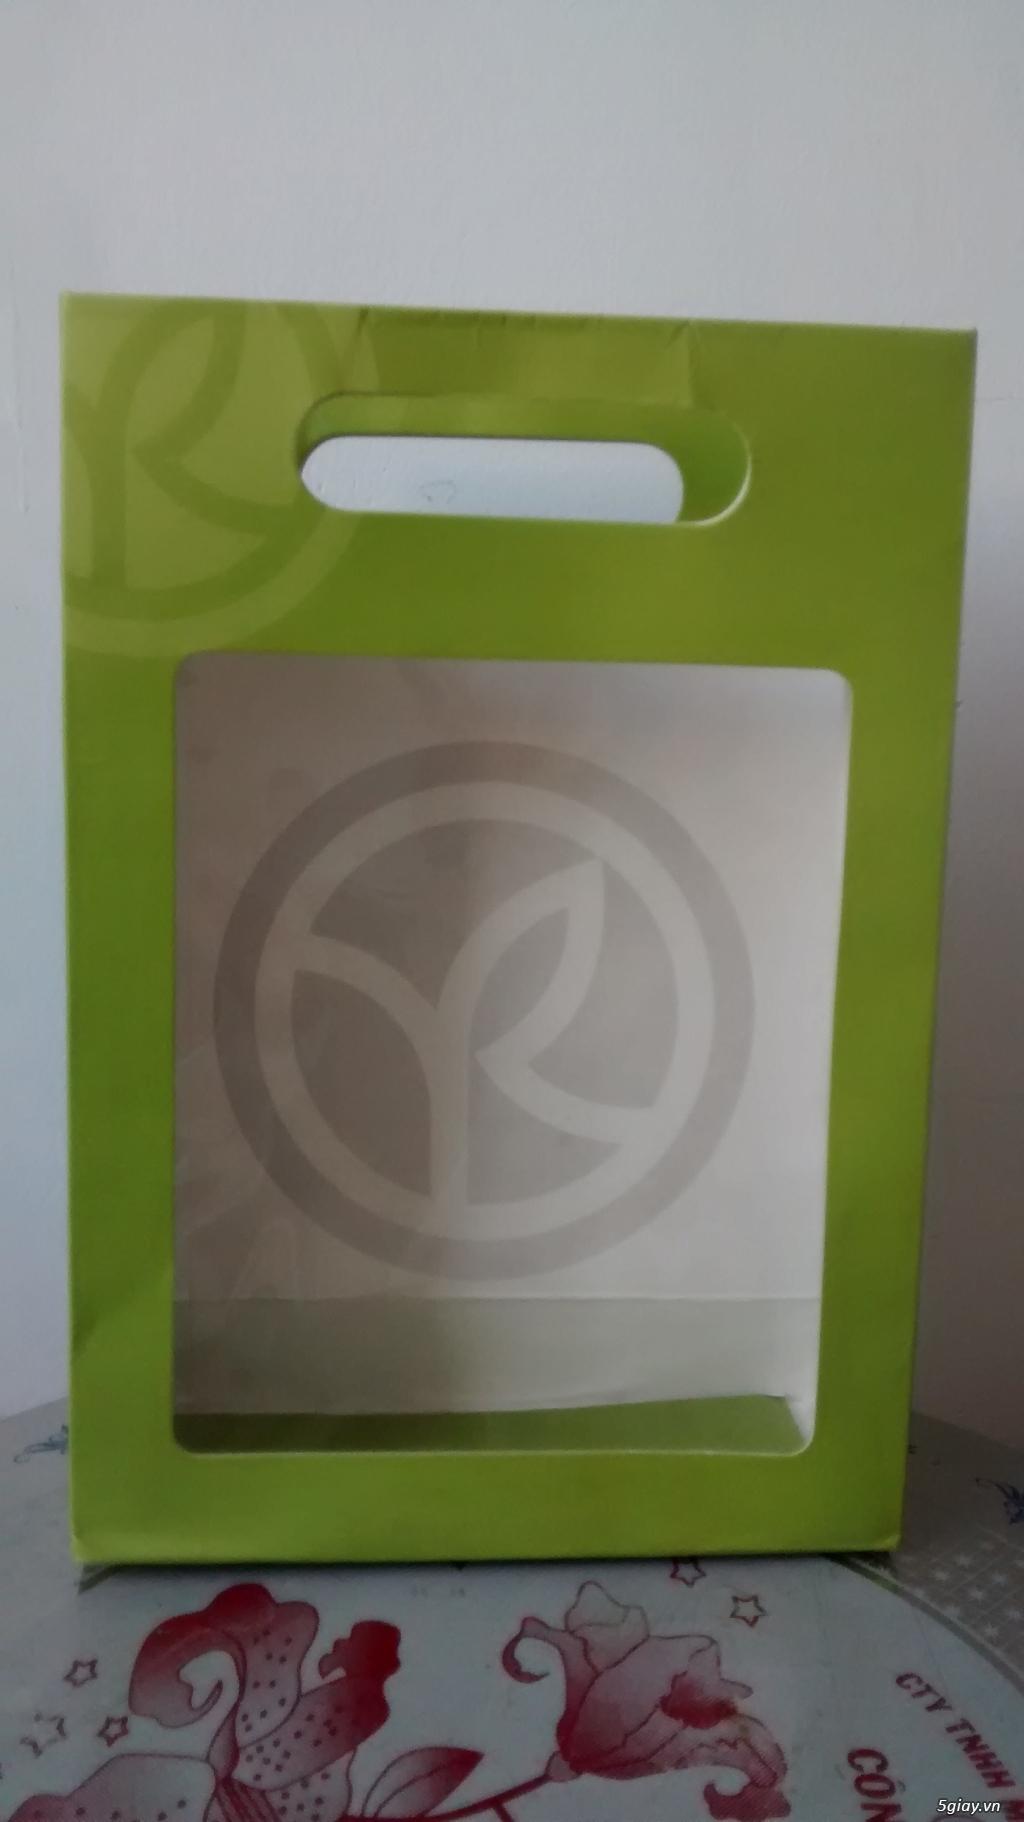 Thiết kế, in, gia công túi vải không dệt, túi vải bố, túi-hộp giấy - 11